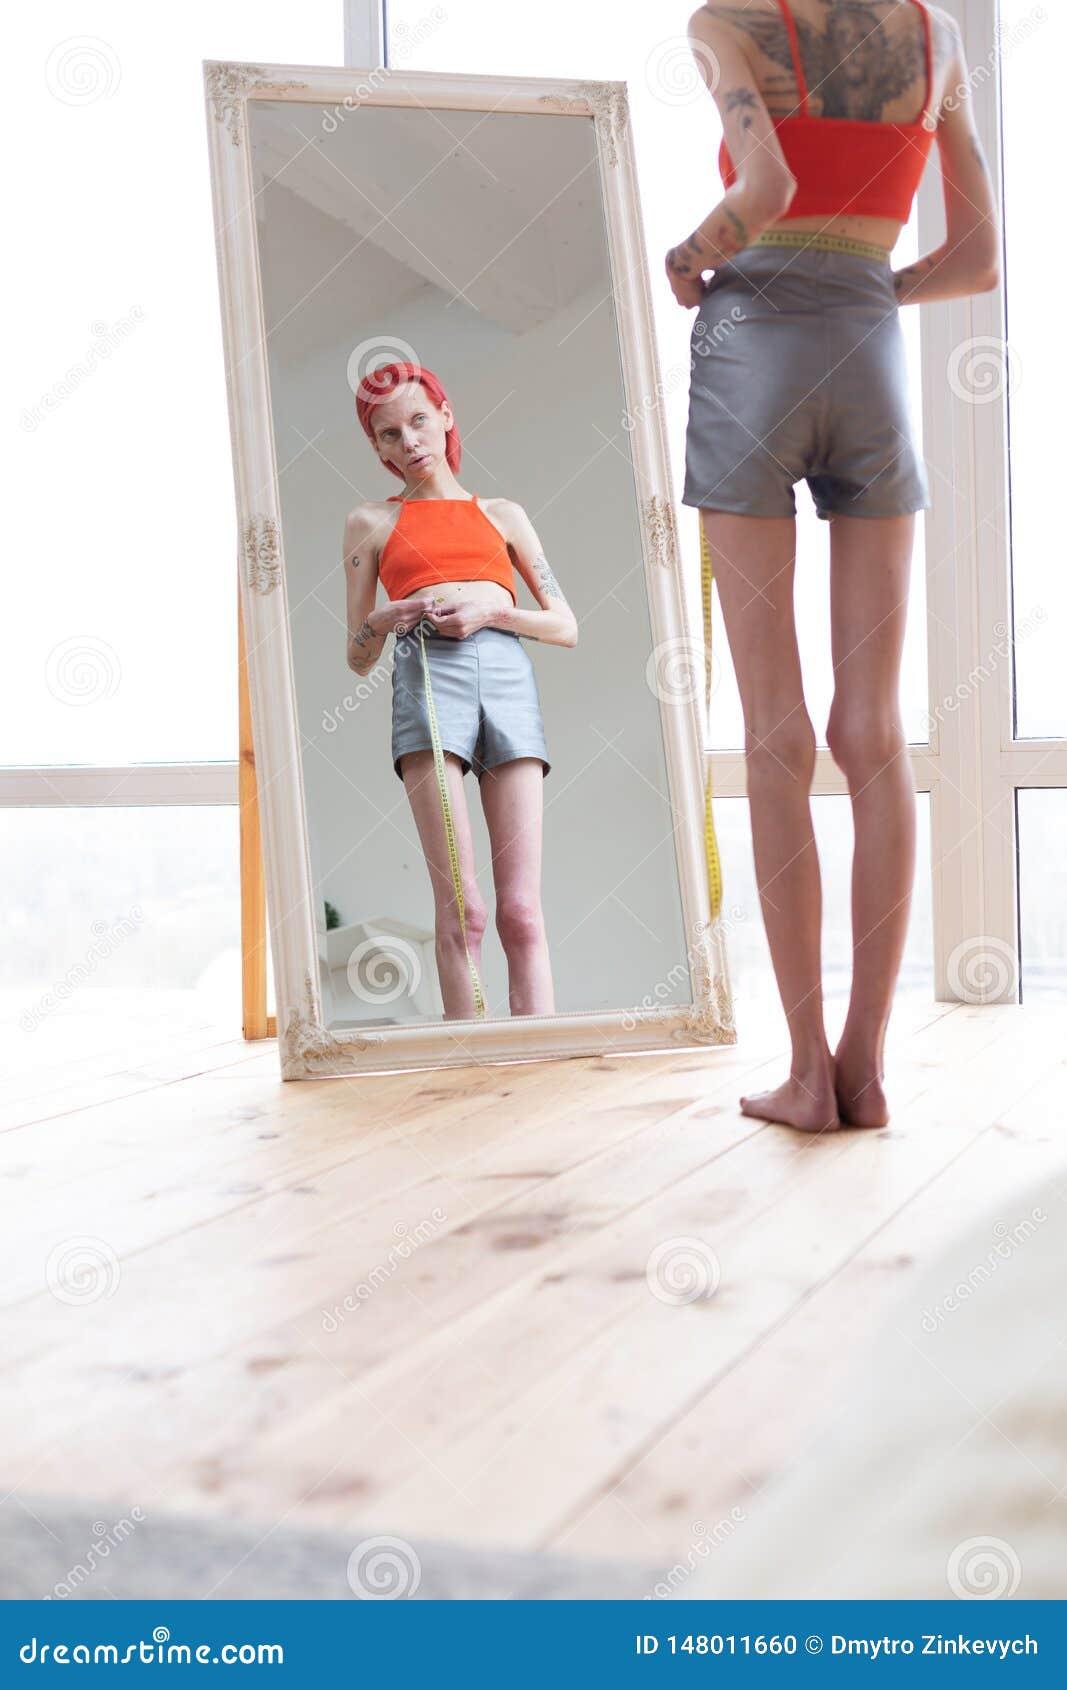 Extrem dünne menschen